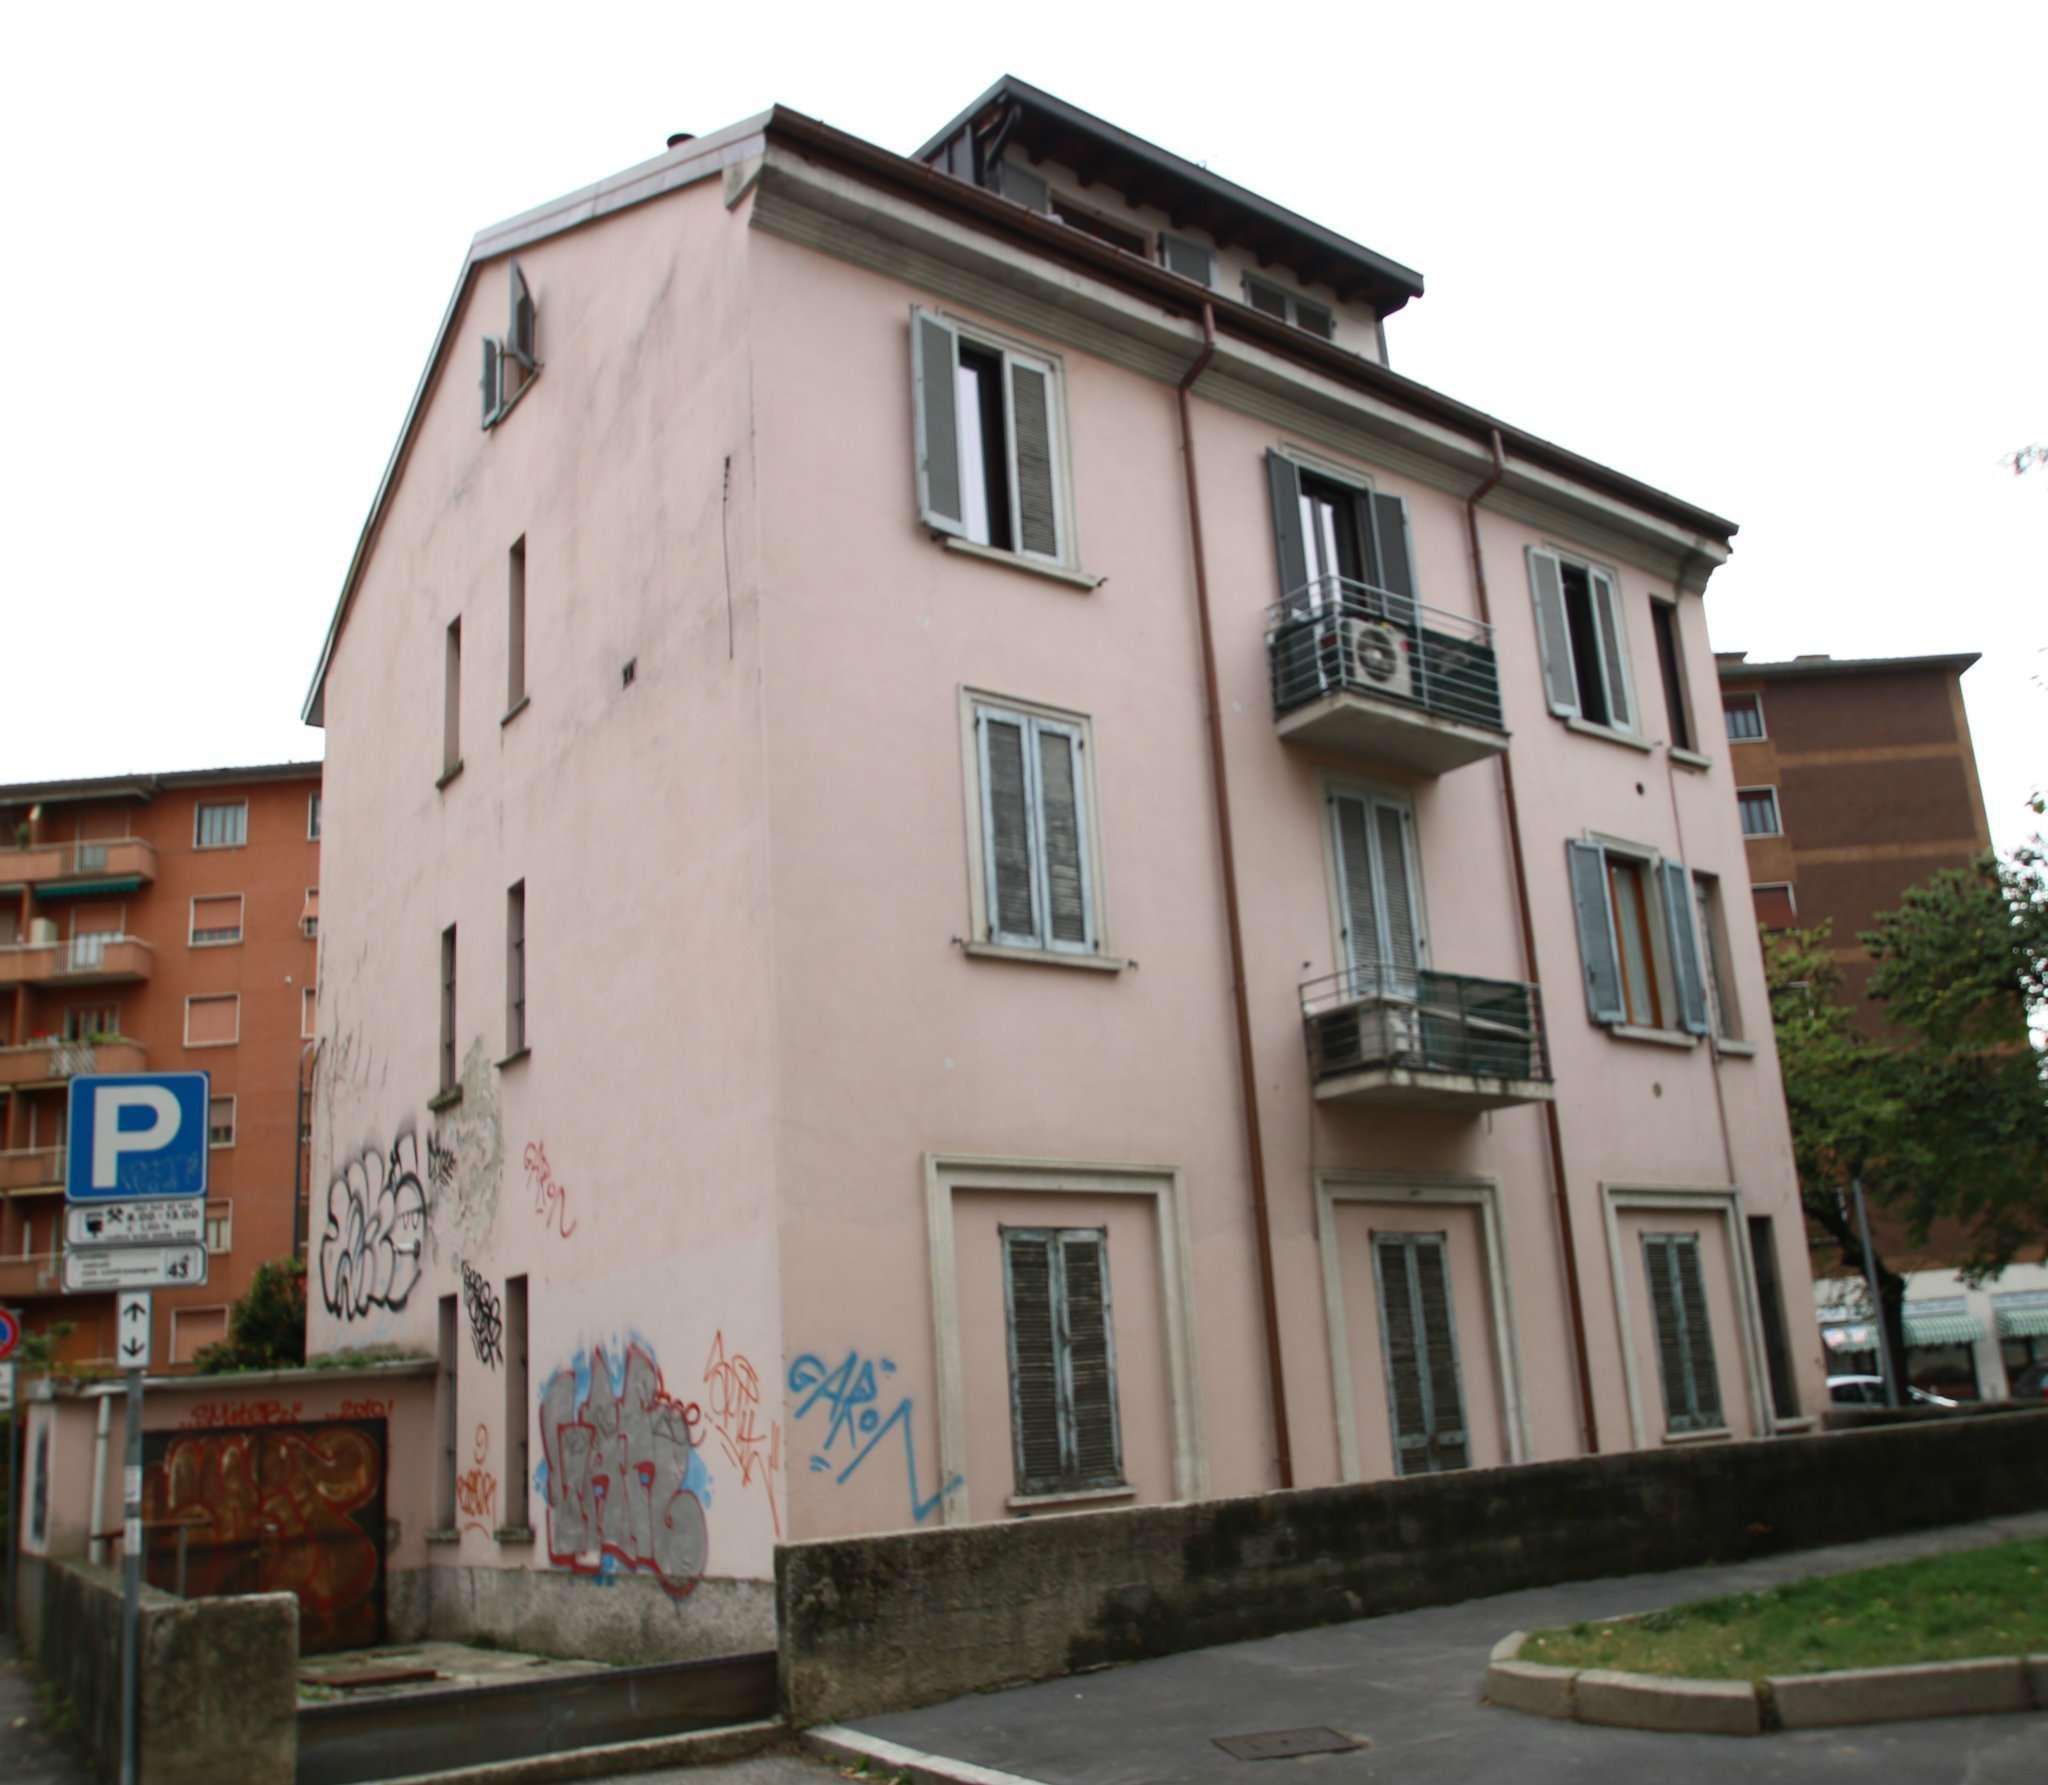 Milano Milano Vendita APPARTAMENTO » alloggi in vendita, cercasi appartamenti a torino